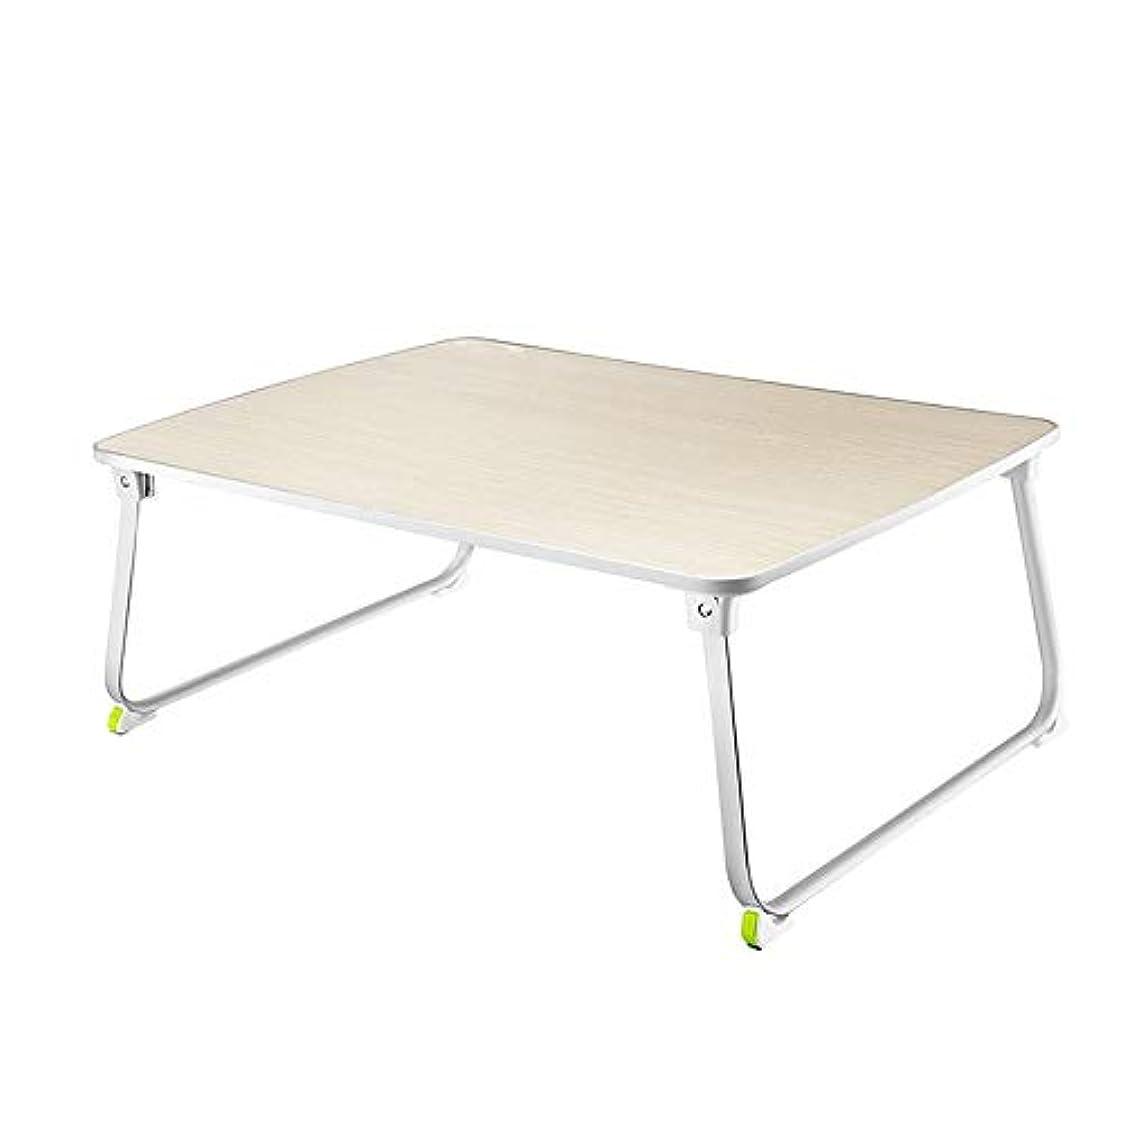 準備する乱気流日の出LJHA zhuozi 折りたたみ式テーブル、ラップトップテーブル怠惰なテーブルホームスモールデスク大学寮研究ライティングデスク屋外折りたたみポータブルダイニングテーブル